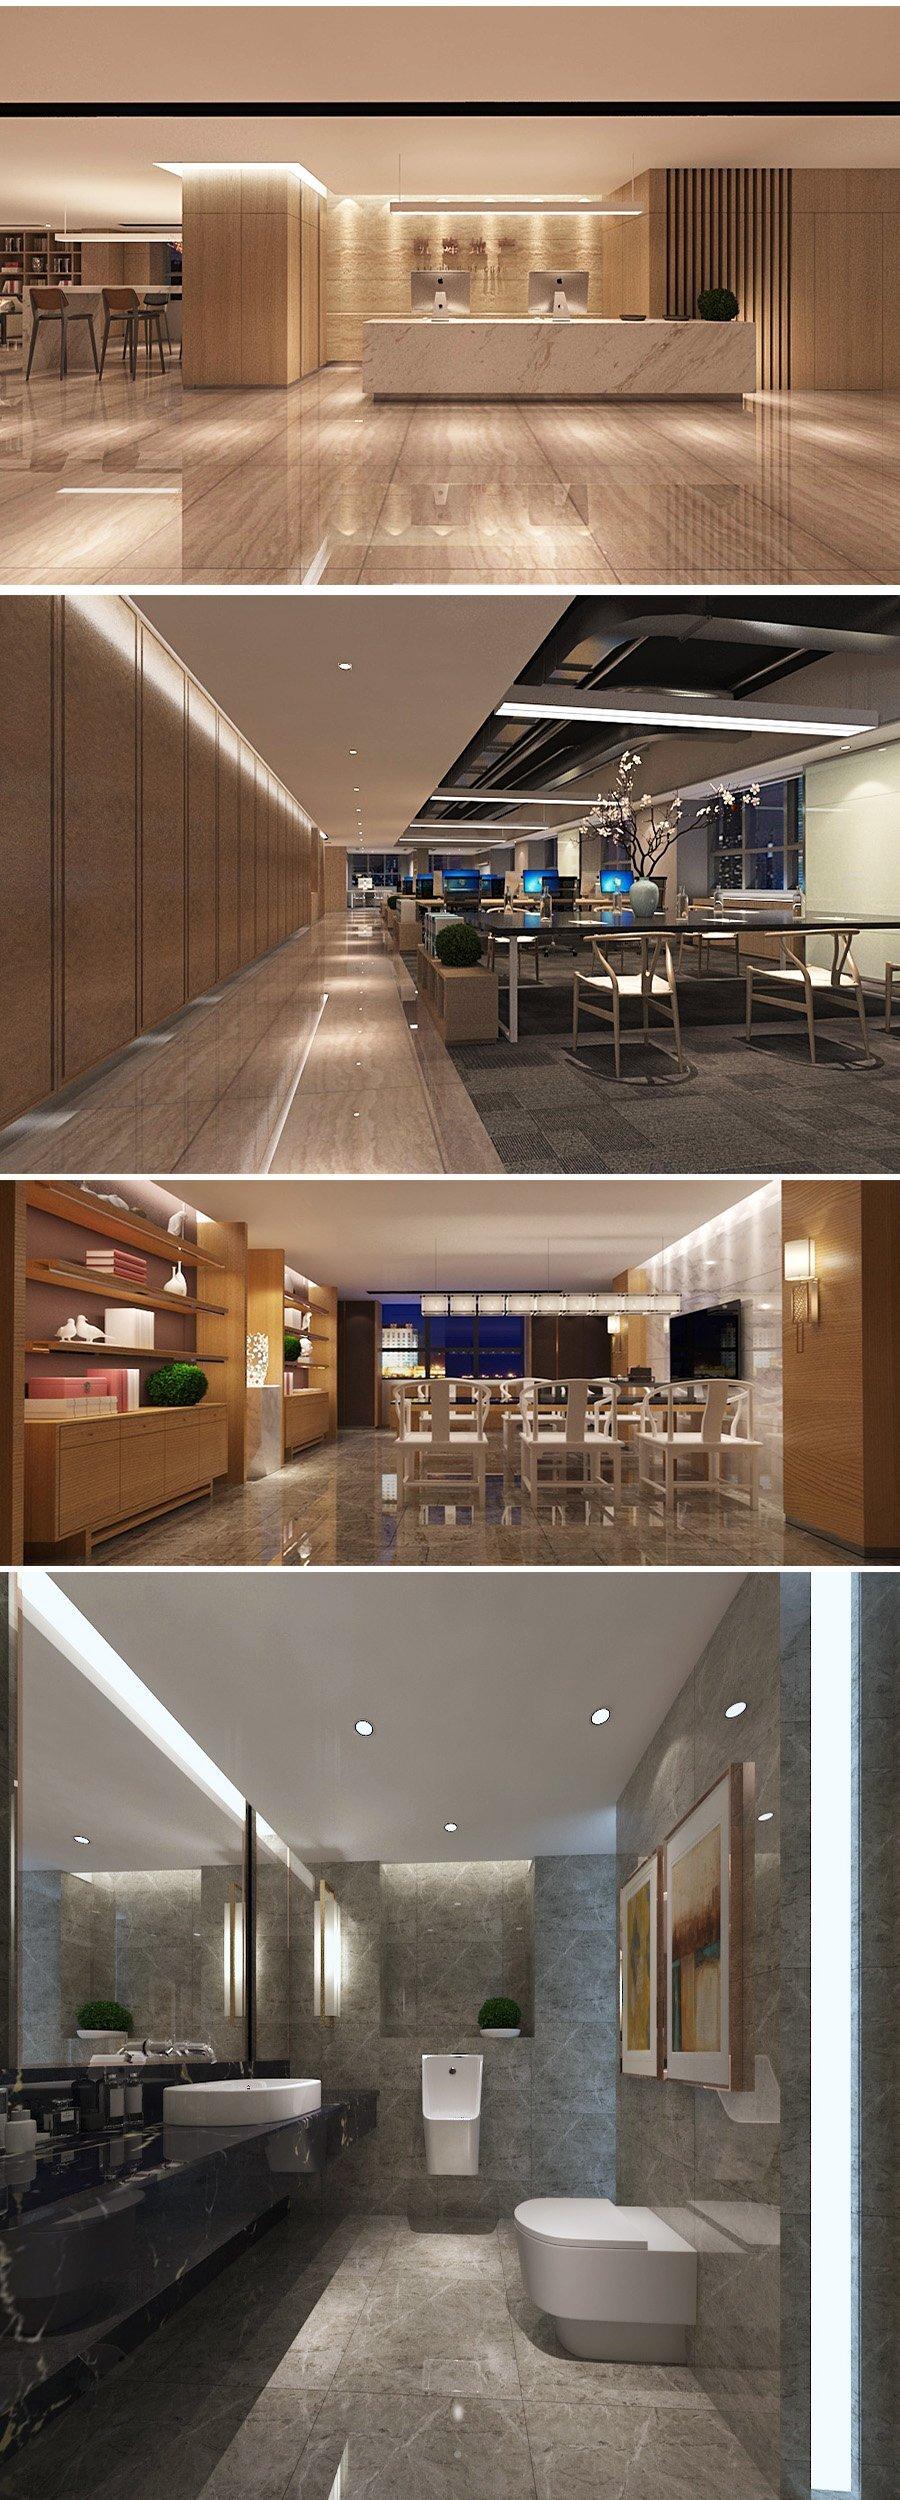 凯隆地产-上海办公室装修设计